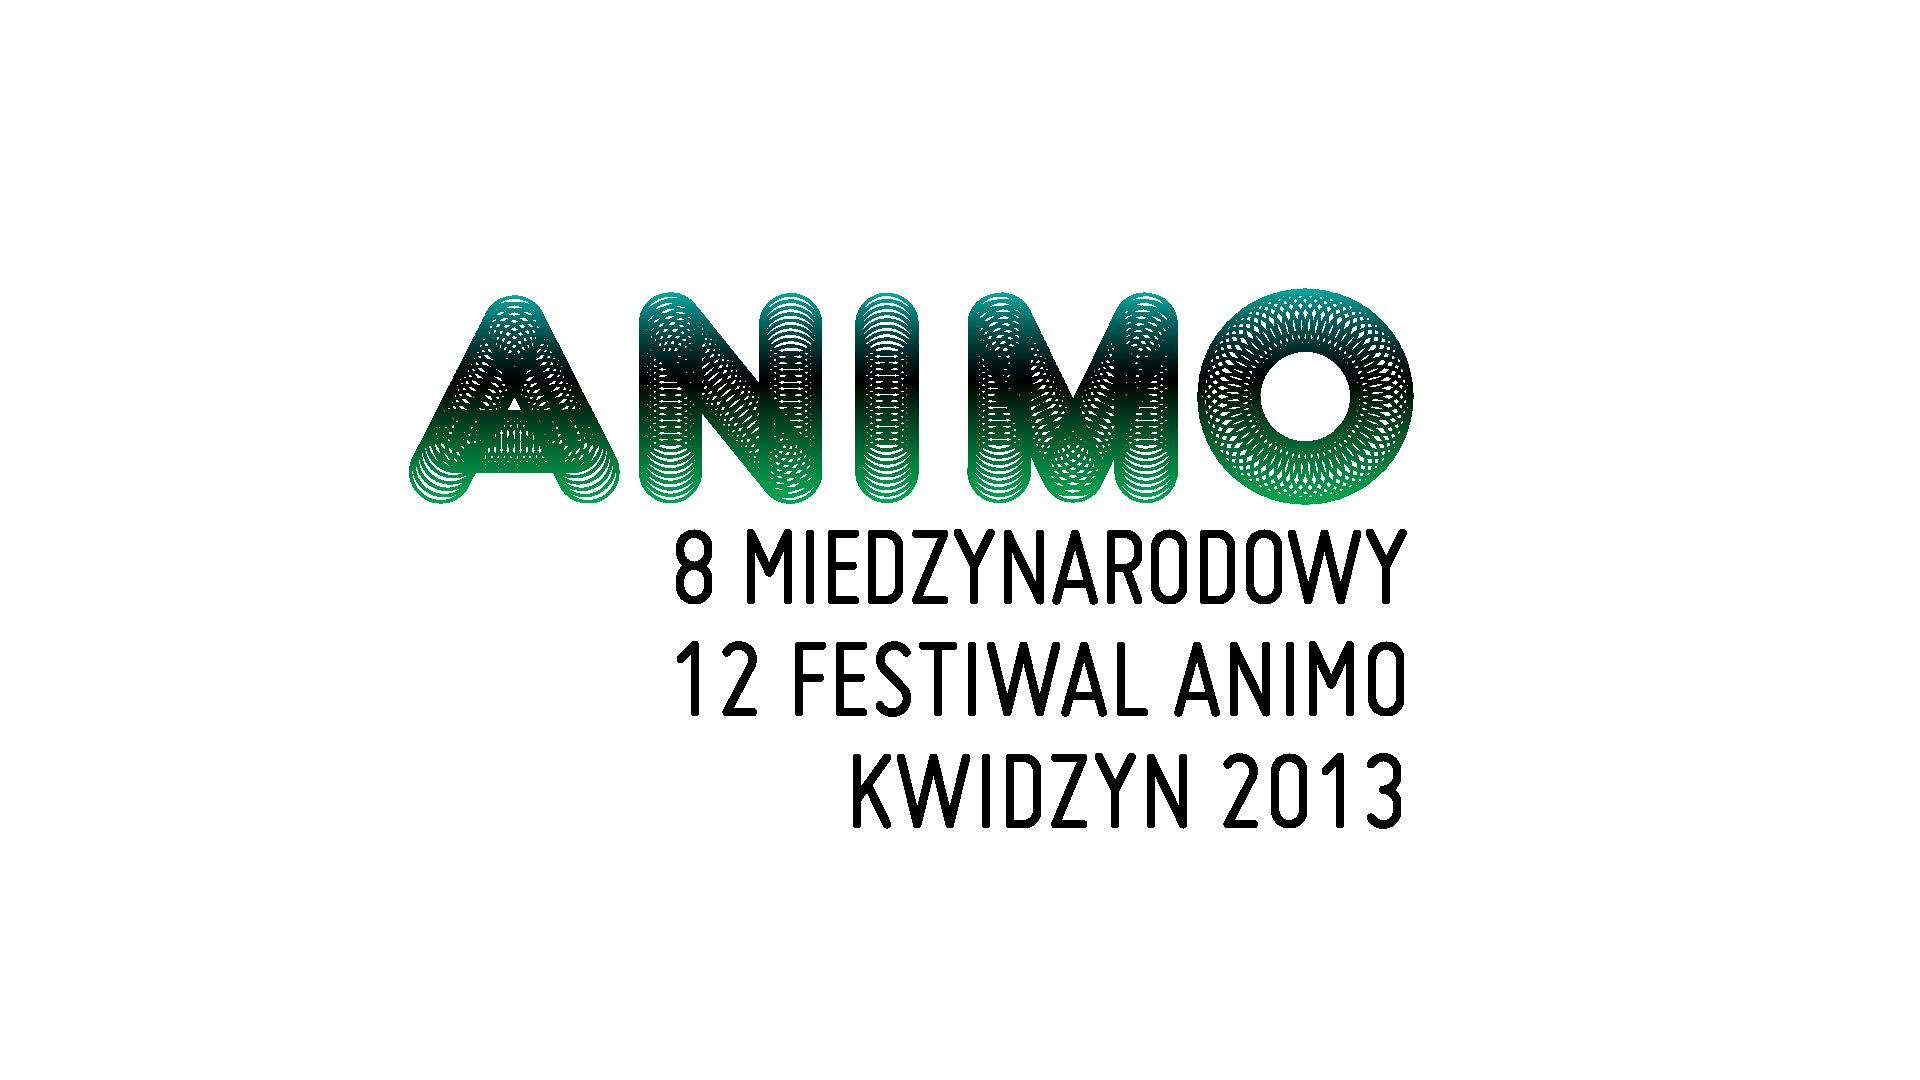 czolowki animo-2013.-LOGO-01